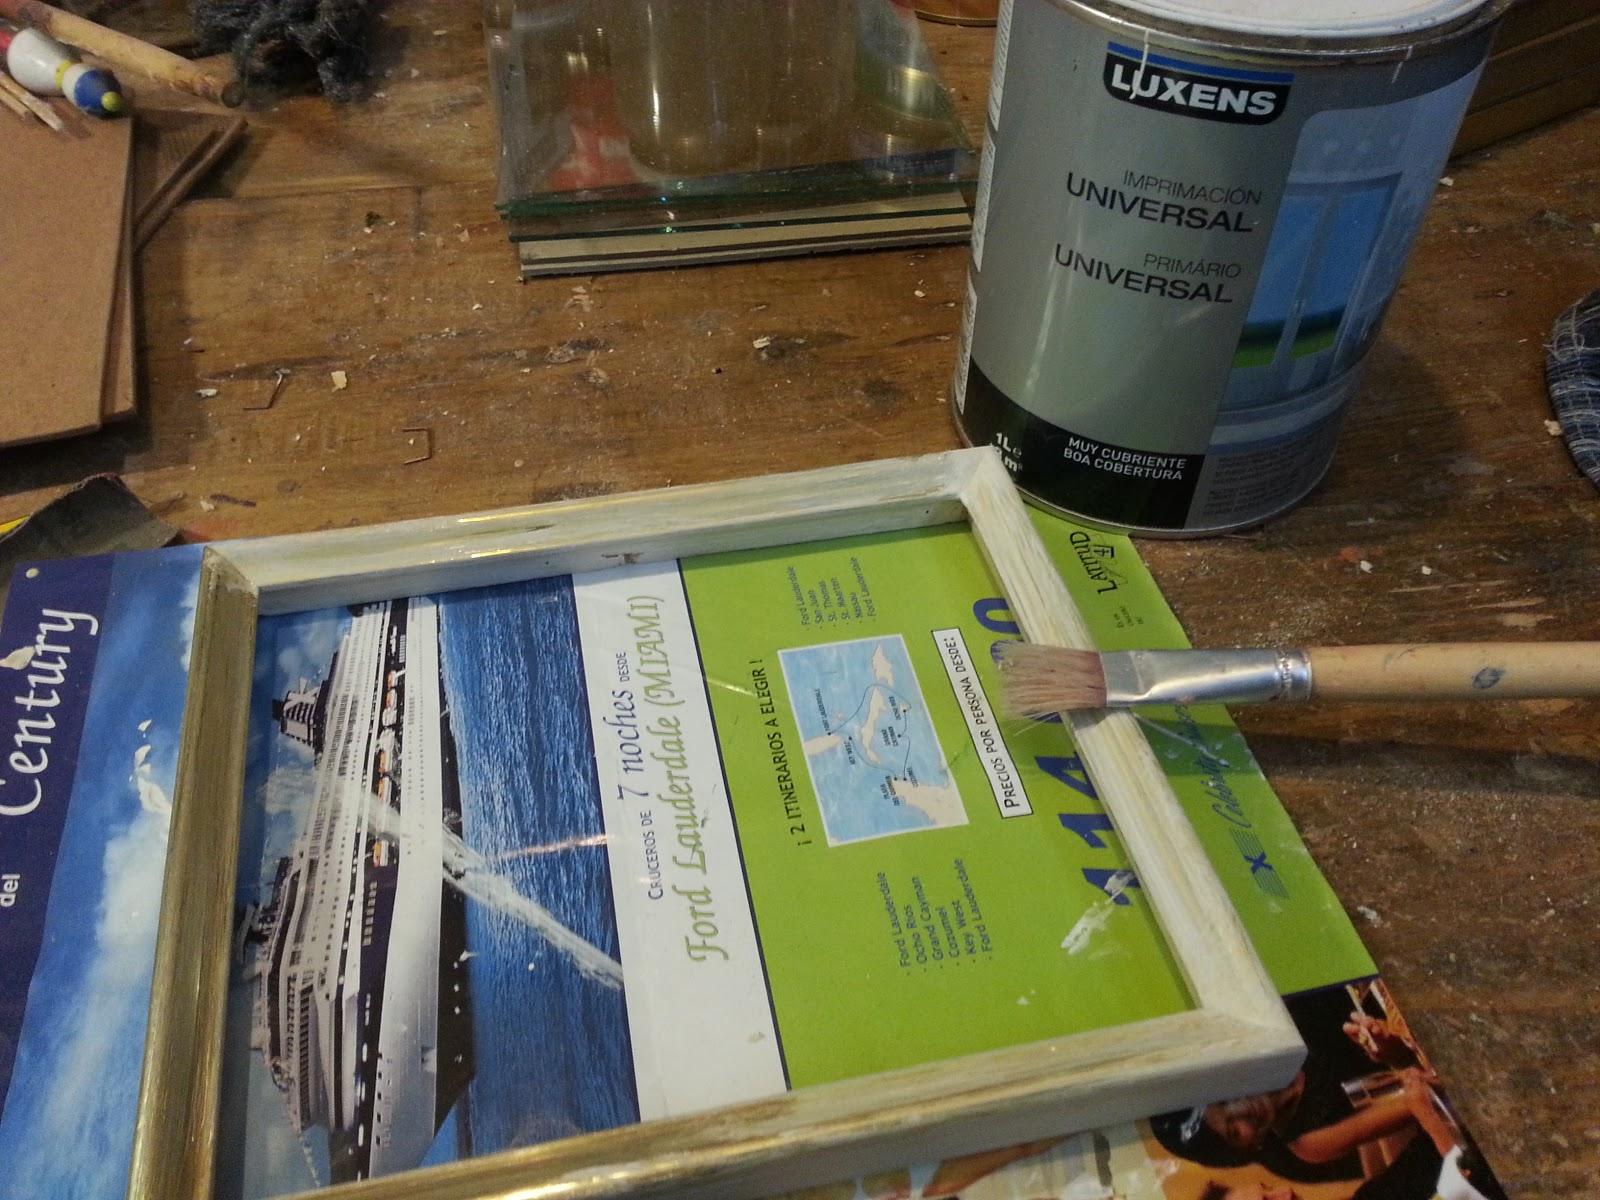 Crea construye recicla y restaura: Reciclar cuadros de aluminio ...